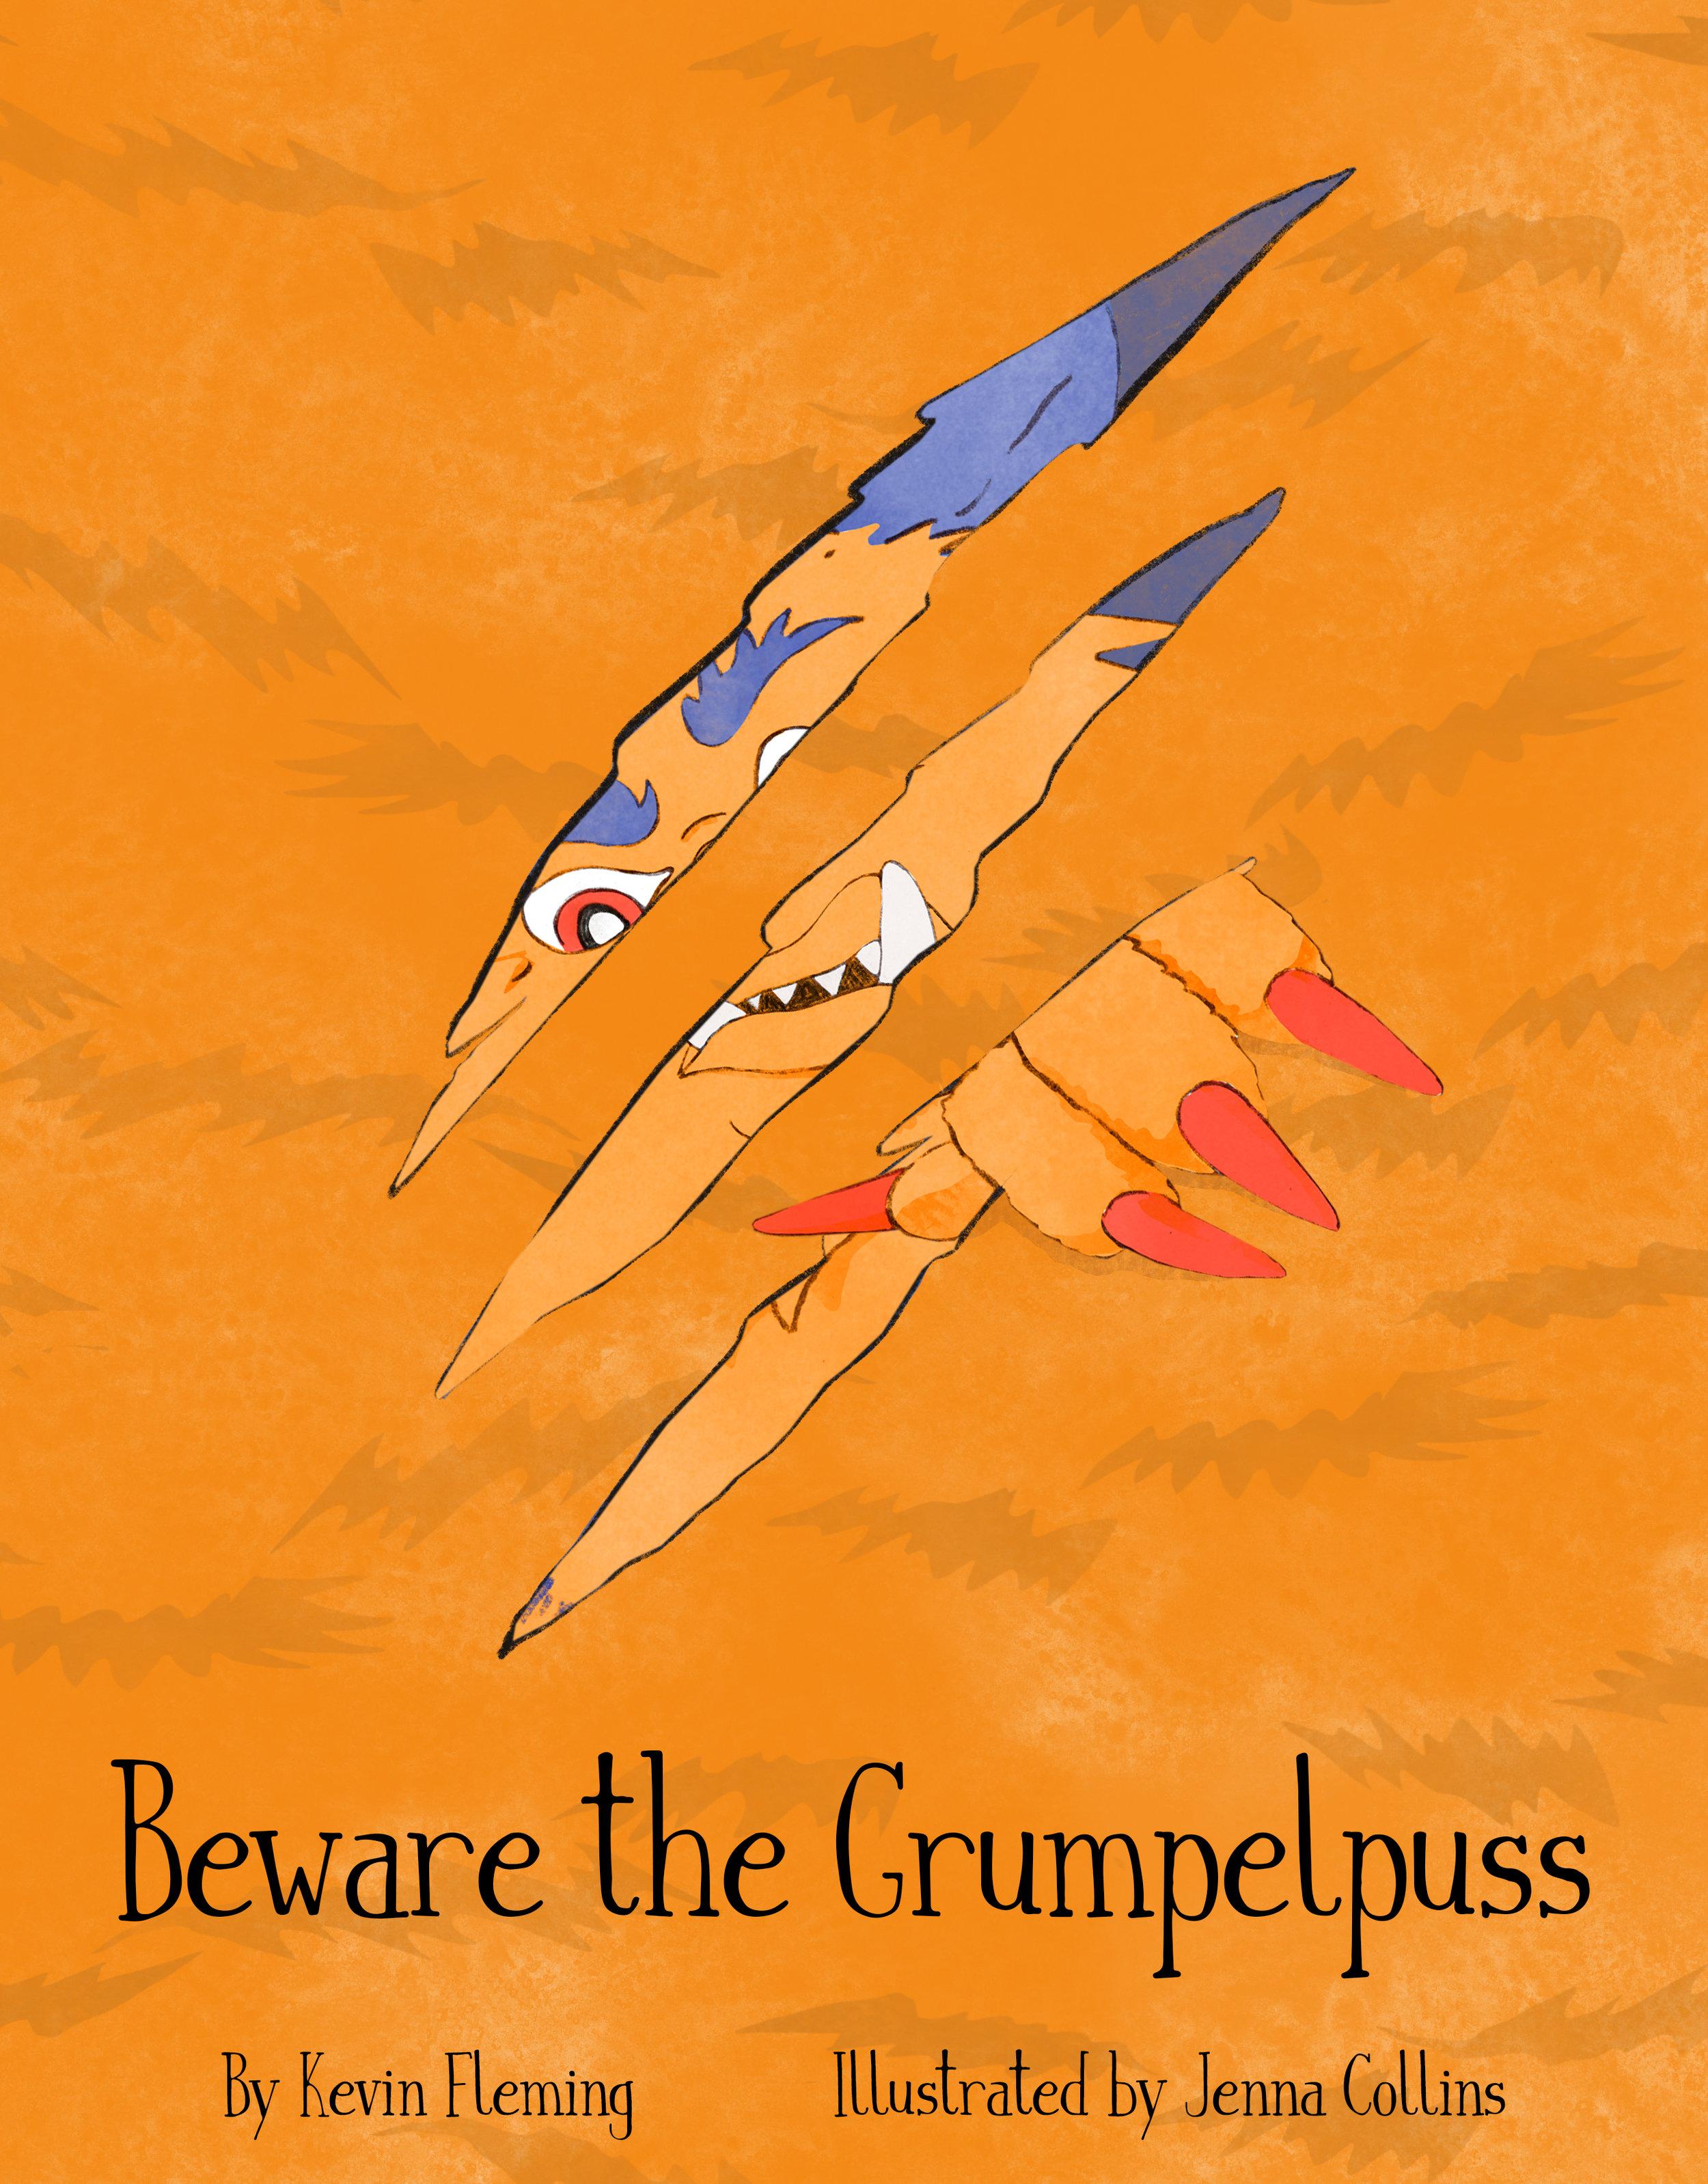 Beware the Grumpelpuss